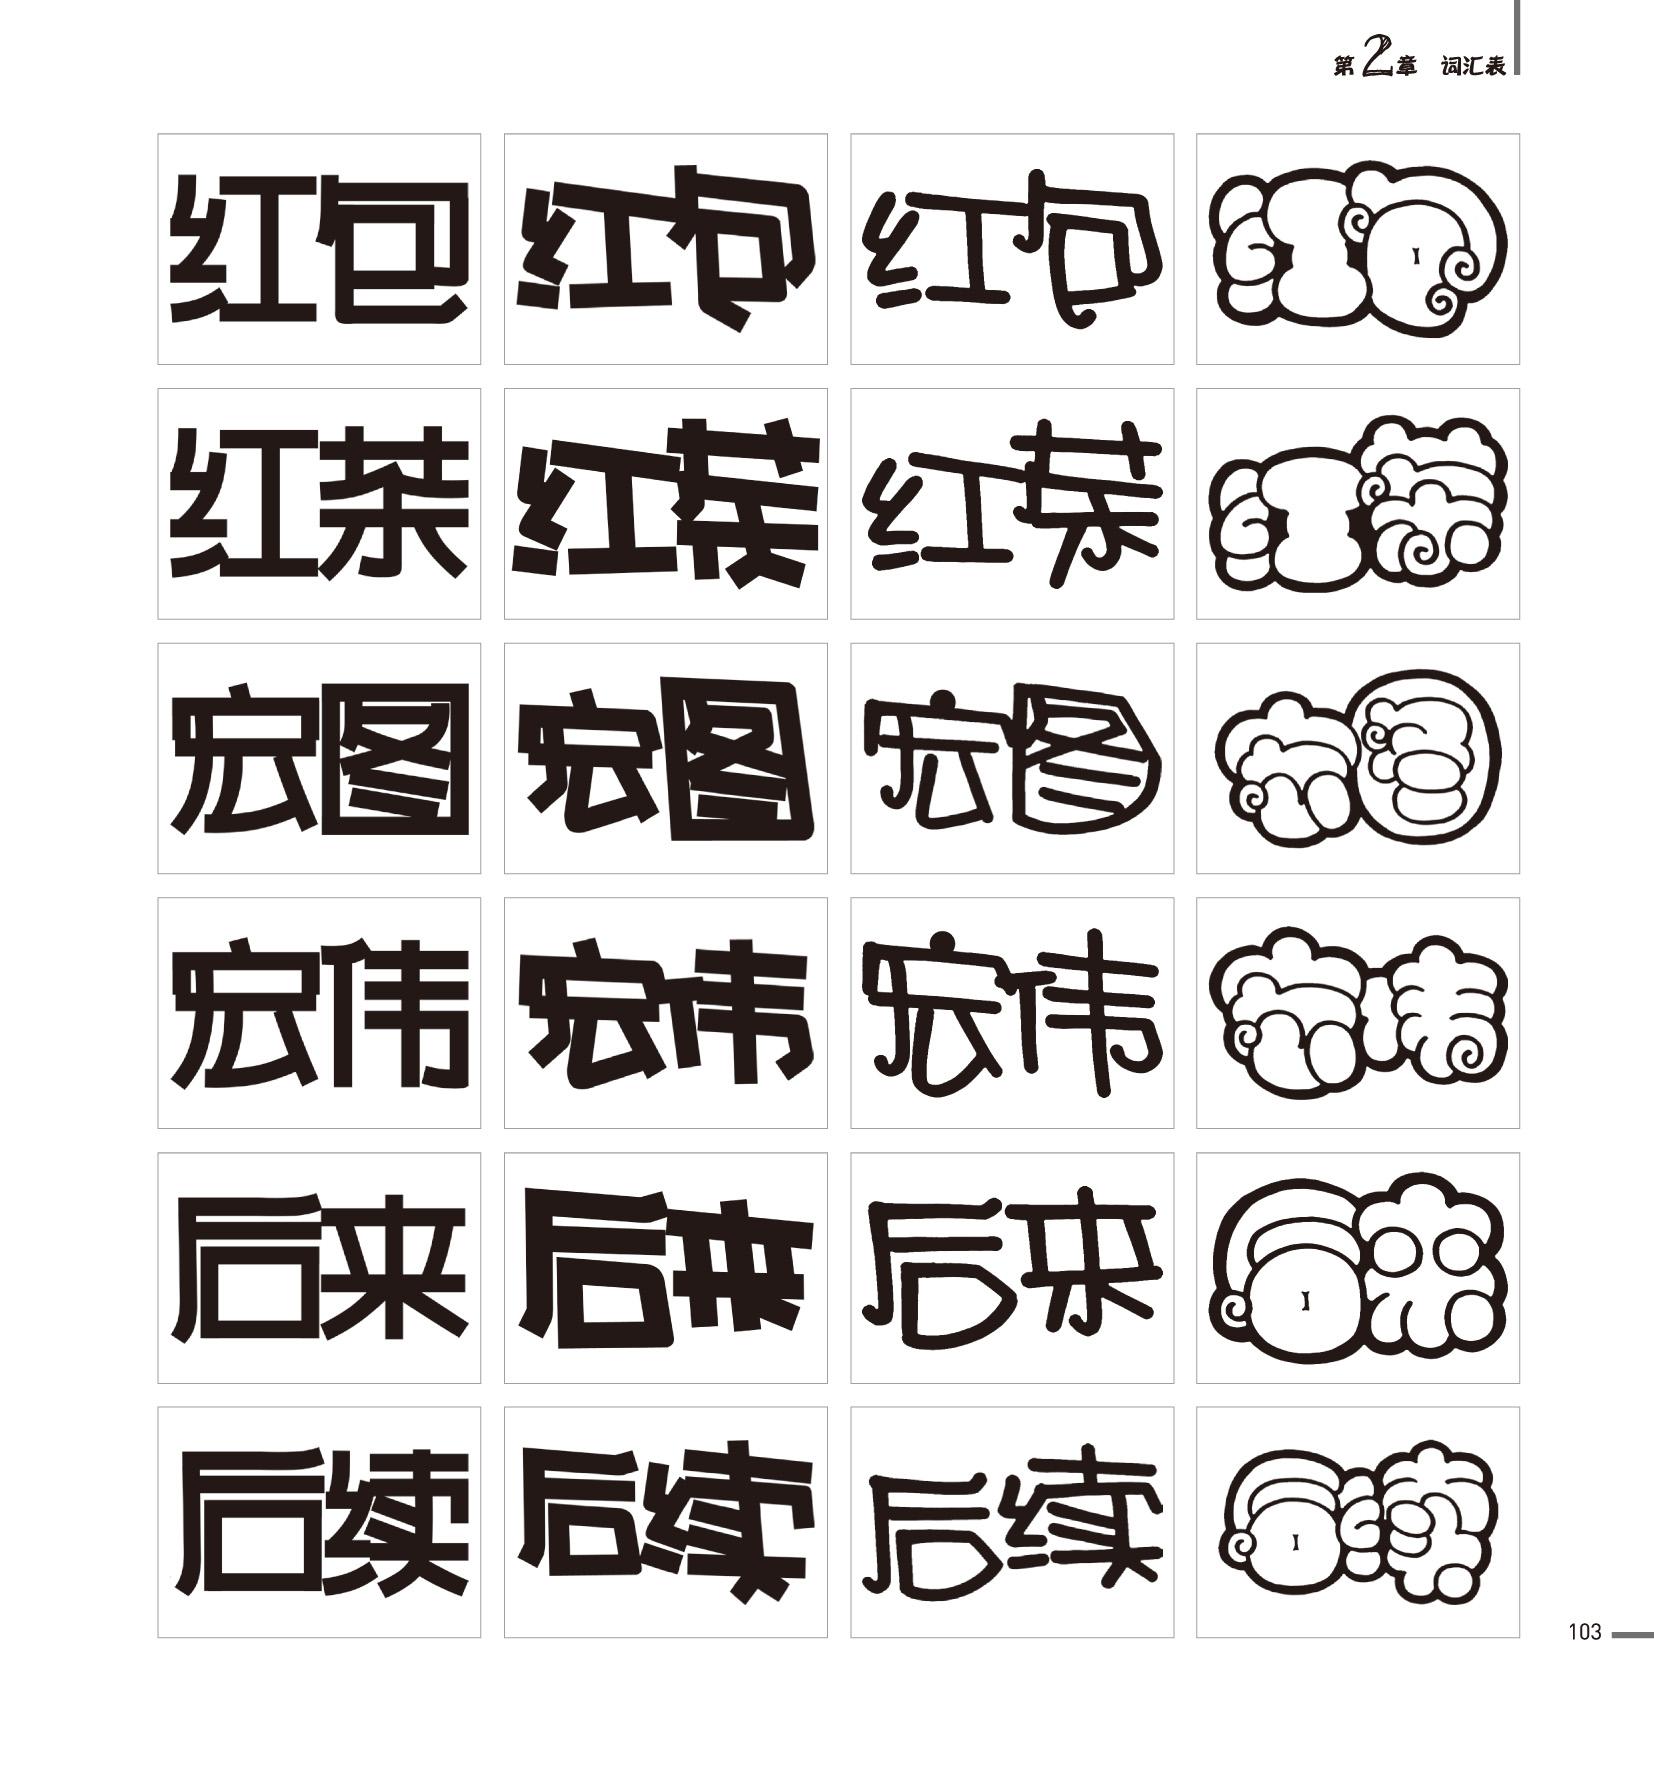 字体设计_手绘目录字体设计_pop  外国 字体 pop 字体 矢量素材设计